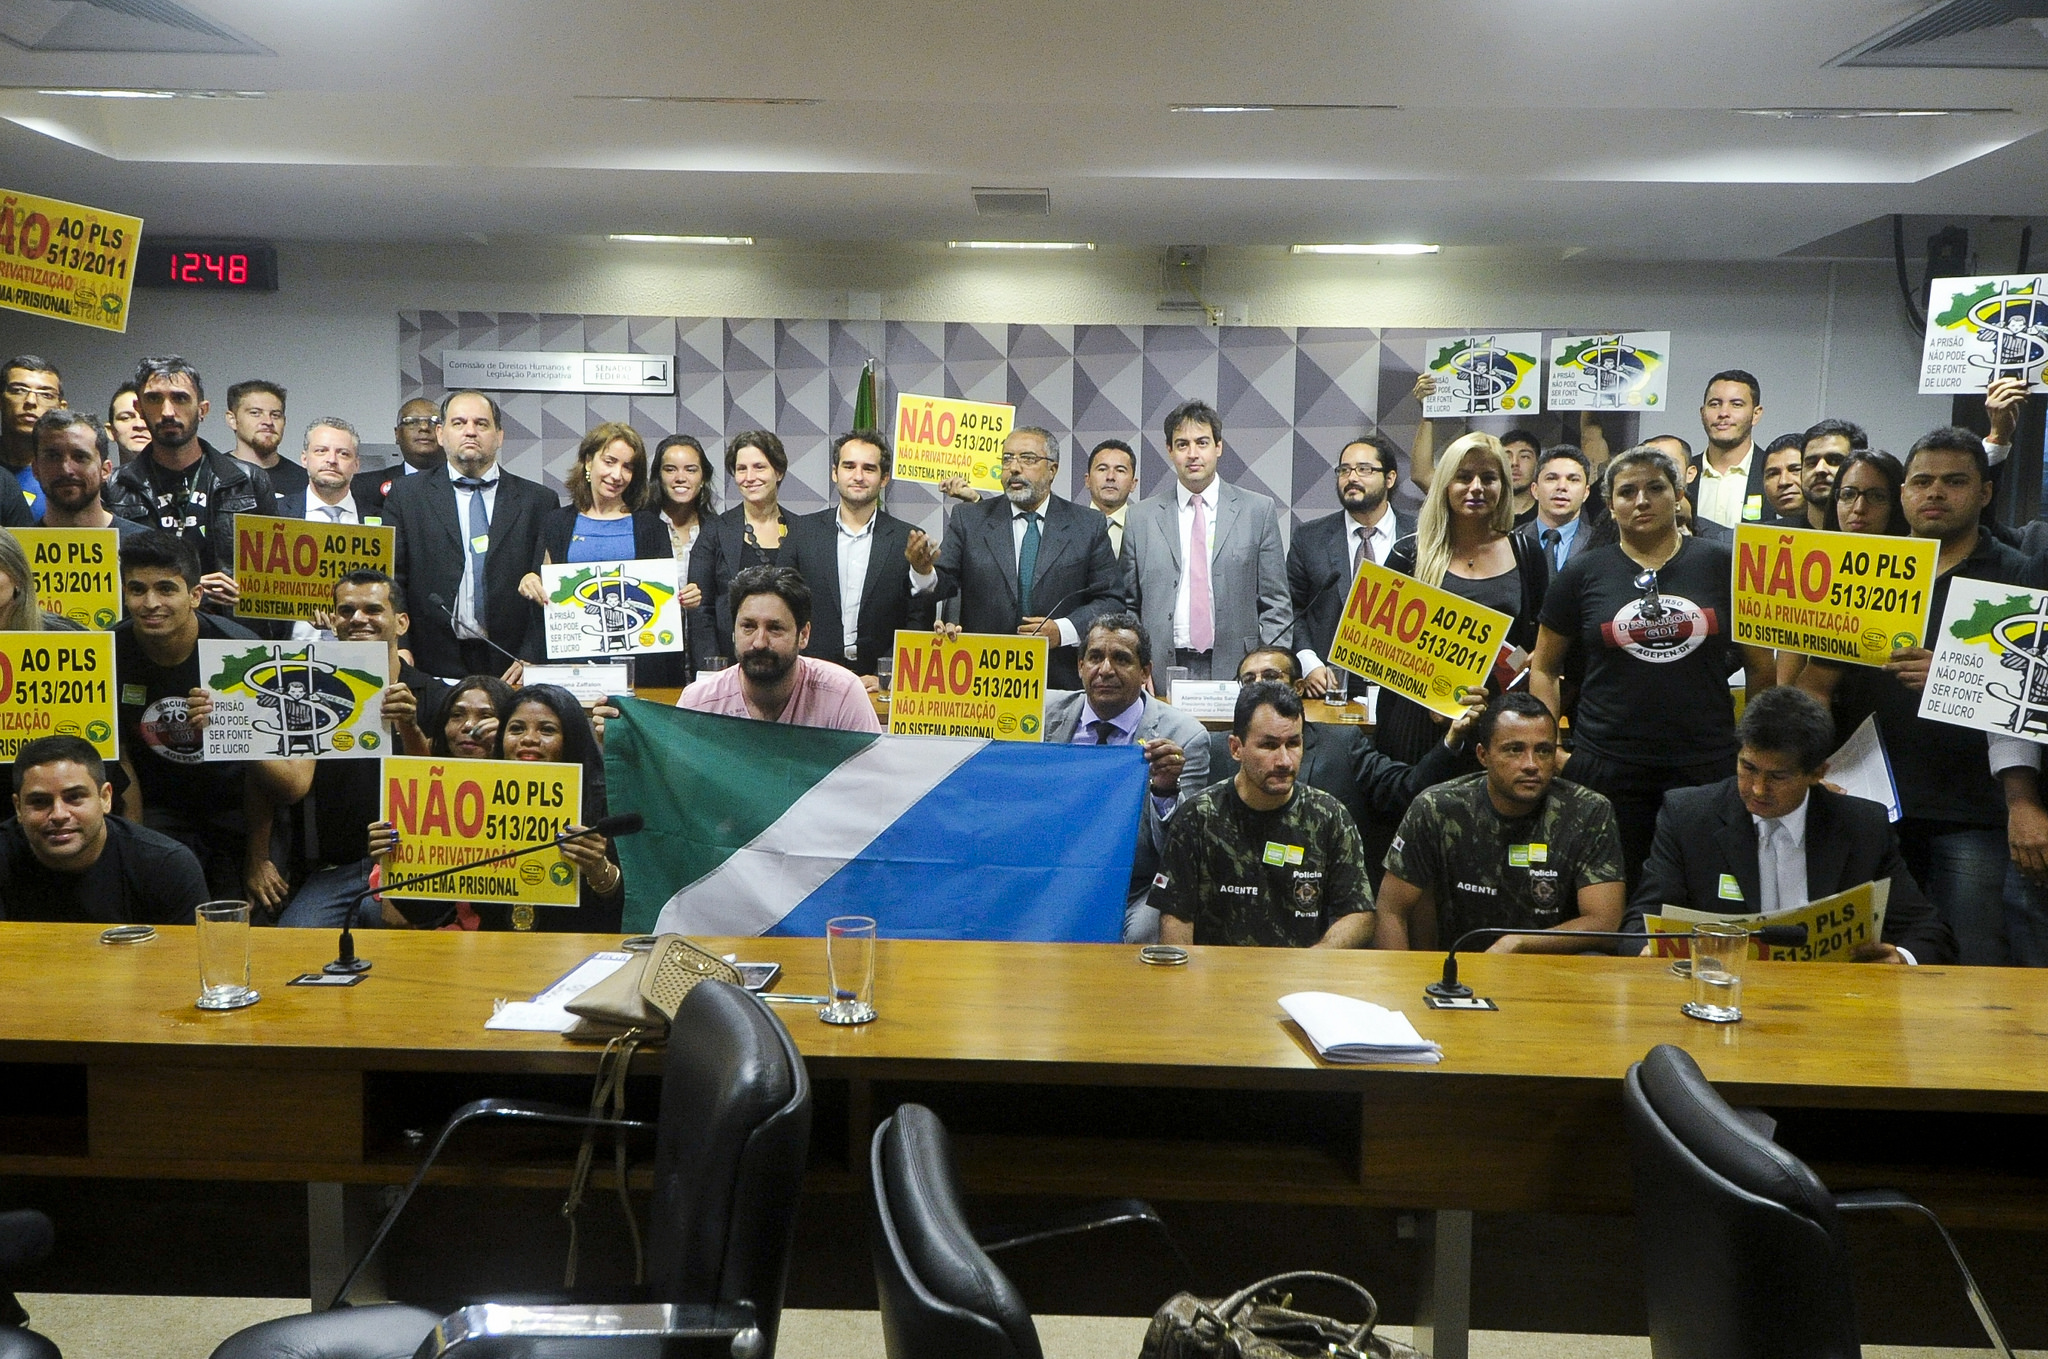 Projeto de privatização é rejeitado pela CDH em Brasília